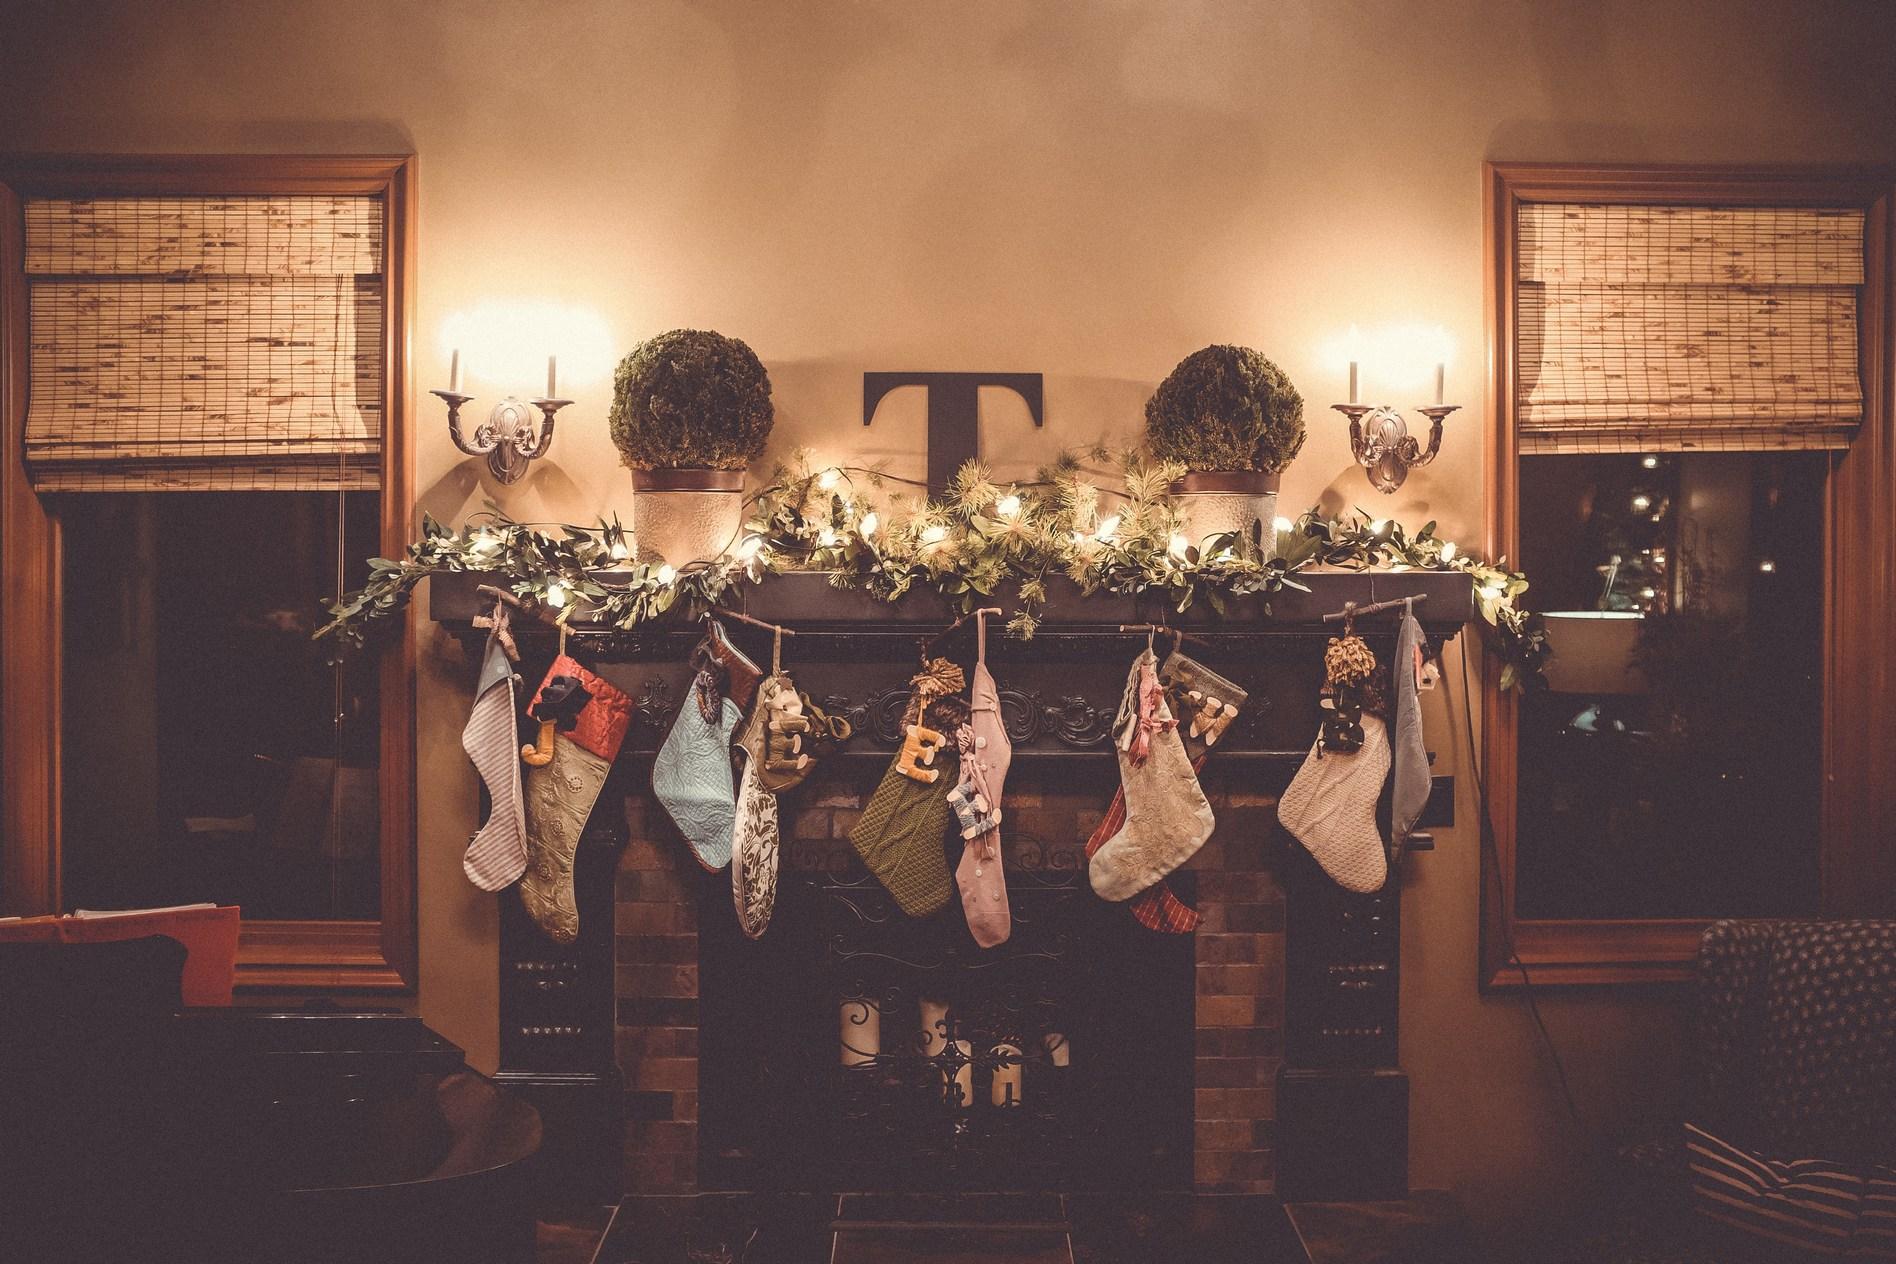 Хюгге-вишлист: десять вещей, которые сделают ваш дом более уютным